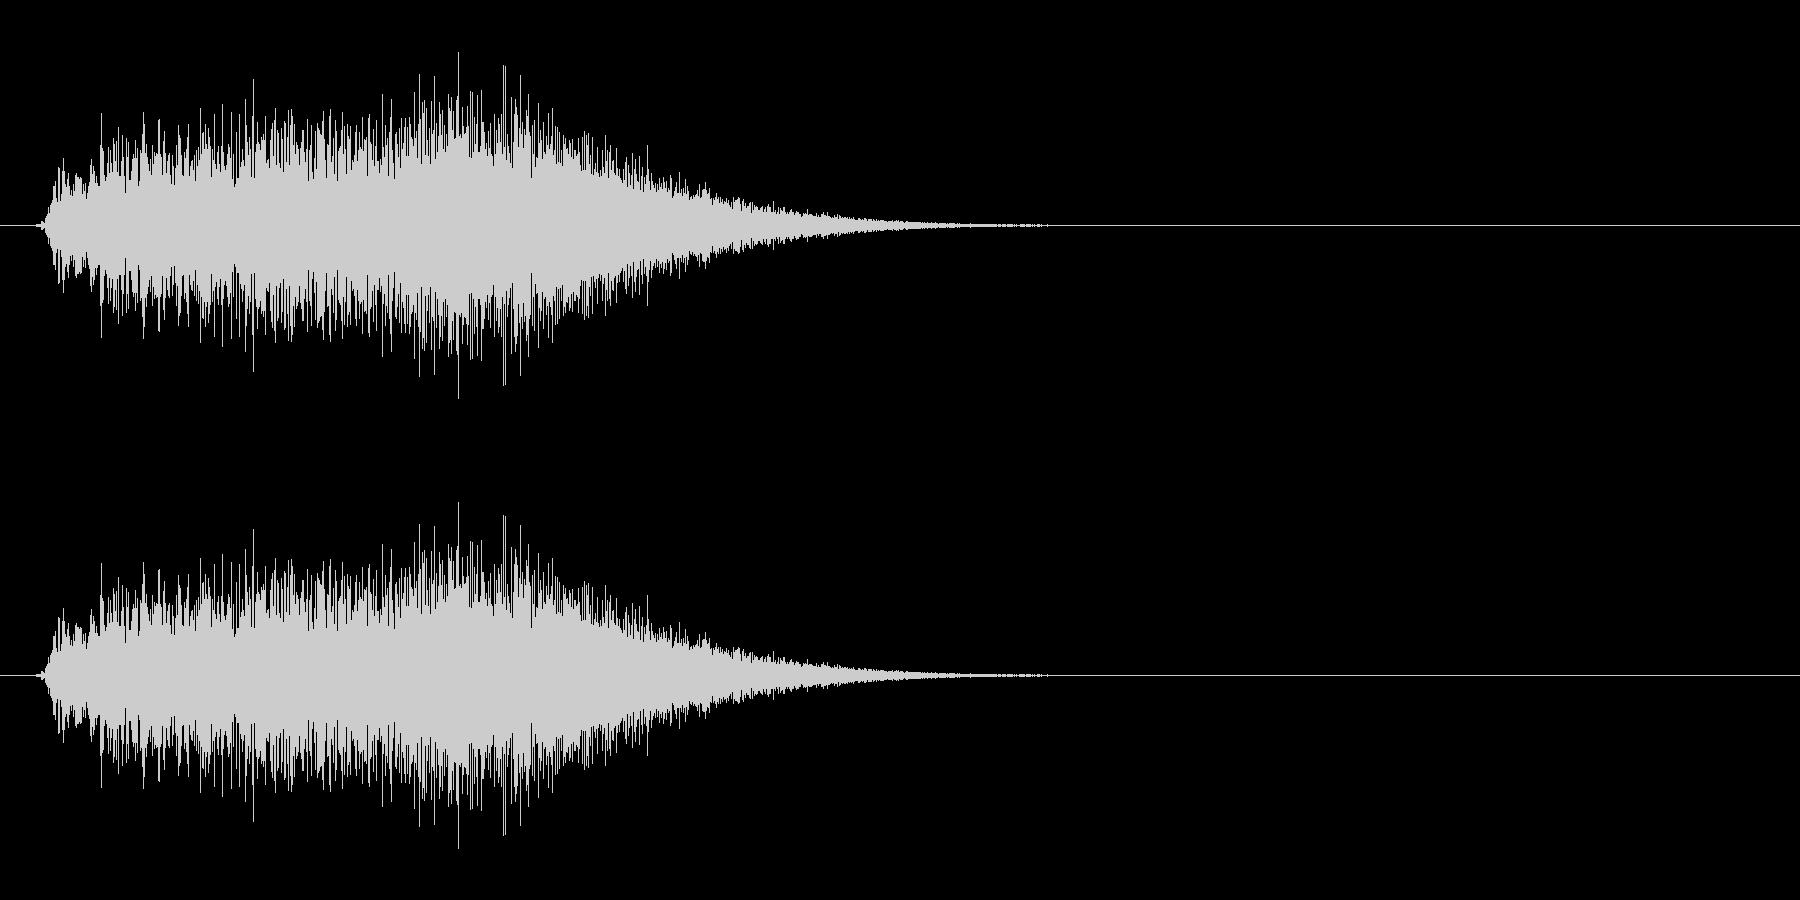 パワーアップをするような効果音の未再生の波形